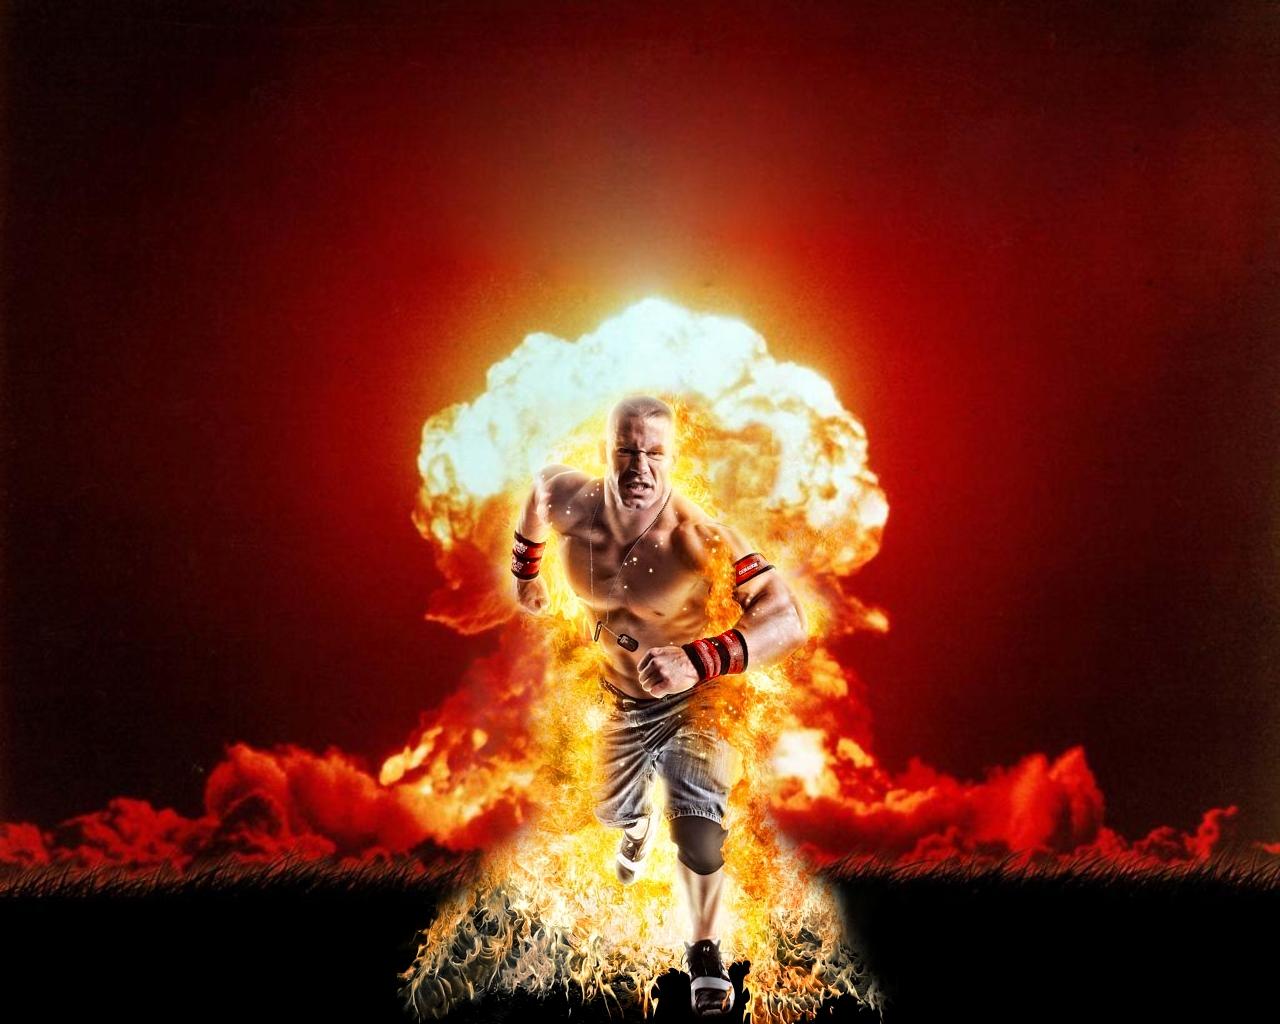 http://2.bp.blogspot.com/-tzMlEPmKjtY/Tspy2W1fu7I/AAAAAAAABV8/9tIbMlK_y6c/s1600/john+cena++wallpaper+2011+2012+rock+wwe.jpg